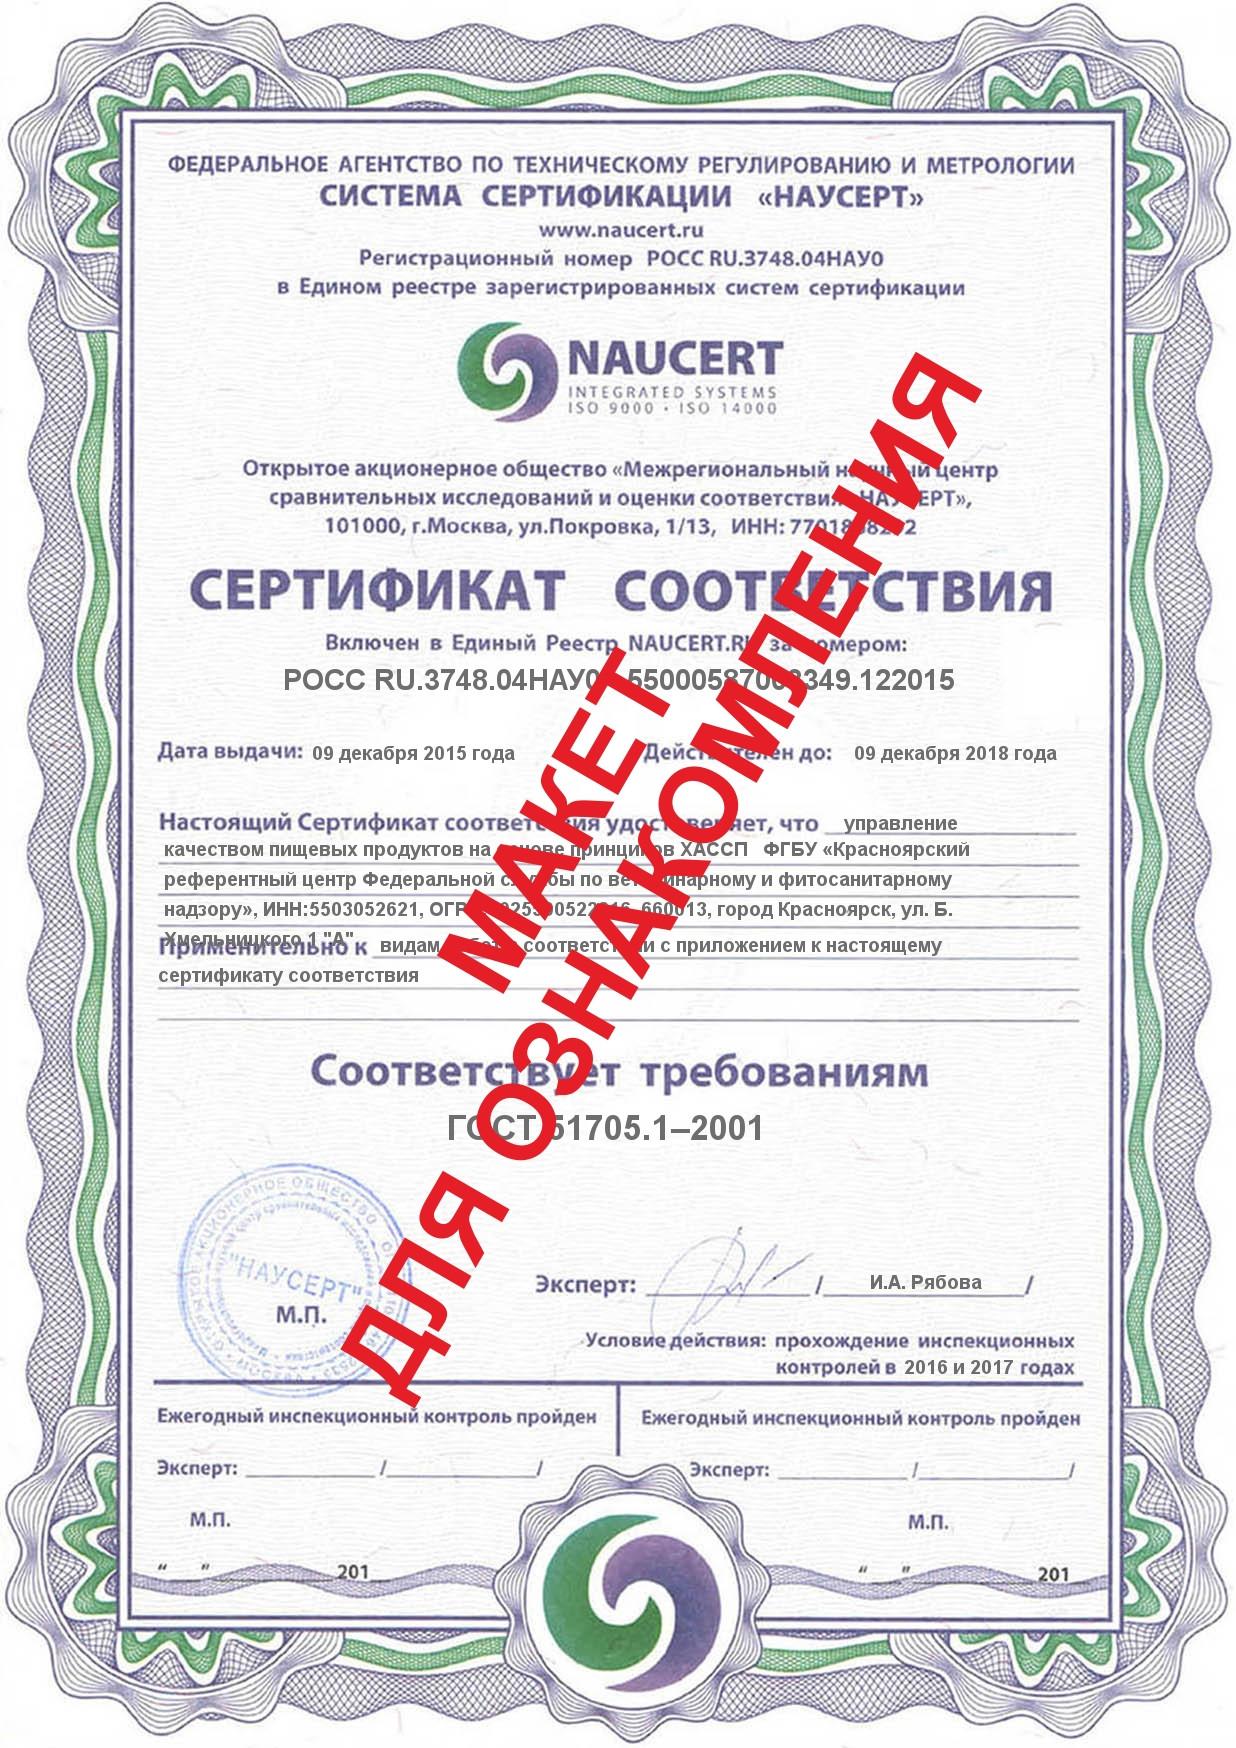 Реестр сертификатов гост р 56002-2014 сертификация детских товаров в беларуси